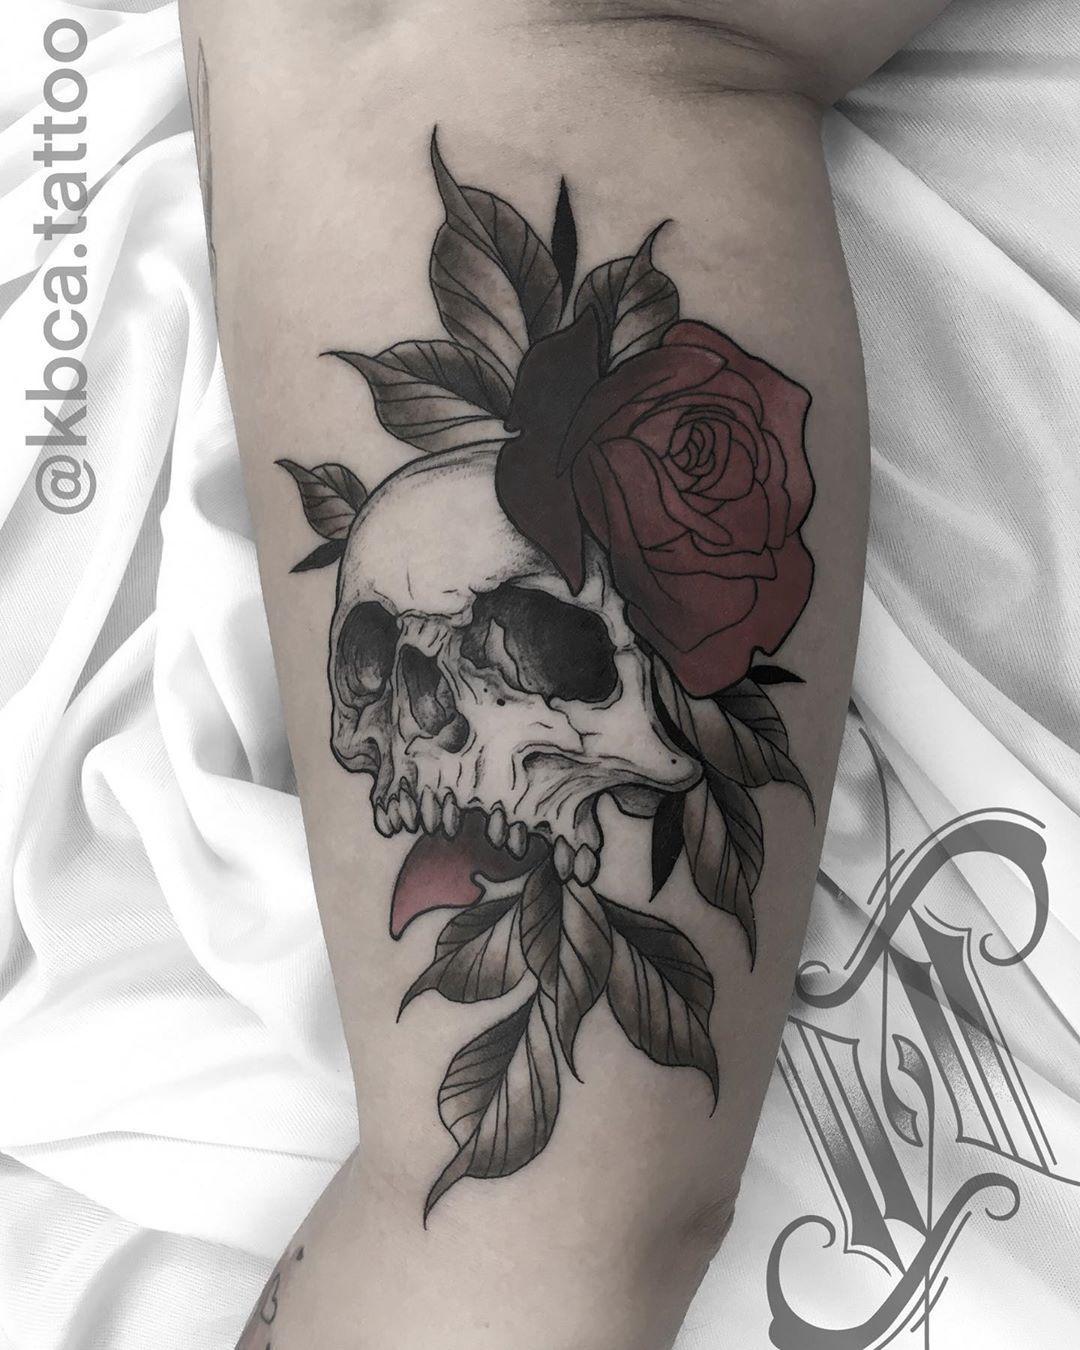 Finalmente esse projeto foi pra pele!! Obrigado mais uma vez pela confiança @elianecvenancio . . ARRASTA PARA O LADO PARA VER A FOTO COM SATURAÇÃO ➡️ . AGENDA ABERTA UBERABA/UBERLANDIA . Orçamentos e agendamentos 📲 (34) 98424-8095 . . #tattoo #pelecolorida #tattooistartmag #tattooinke #tattooinkspiration #tattooing #topdastattoos  #tattoo2us #inkedmag #inkedmagazine #inkspiringtattoos #inkspiration #radtattoos #tattoo2me #tattoosocial #neotrad #neotradicional #tradtattoos #neotraditional #tatto